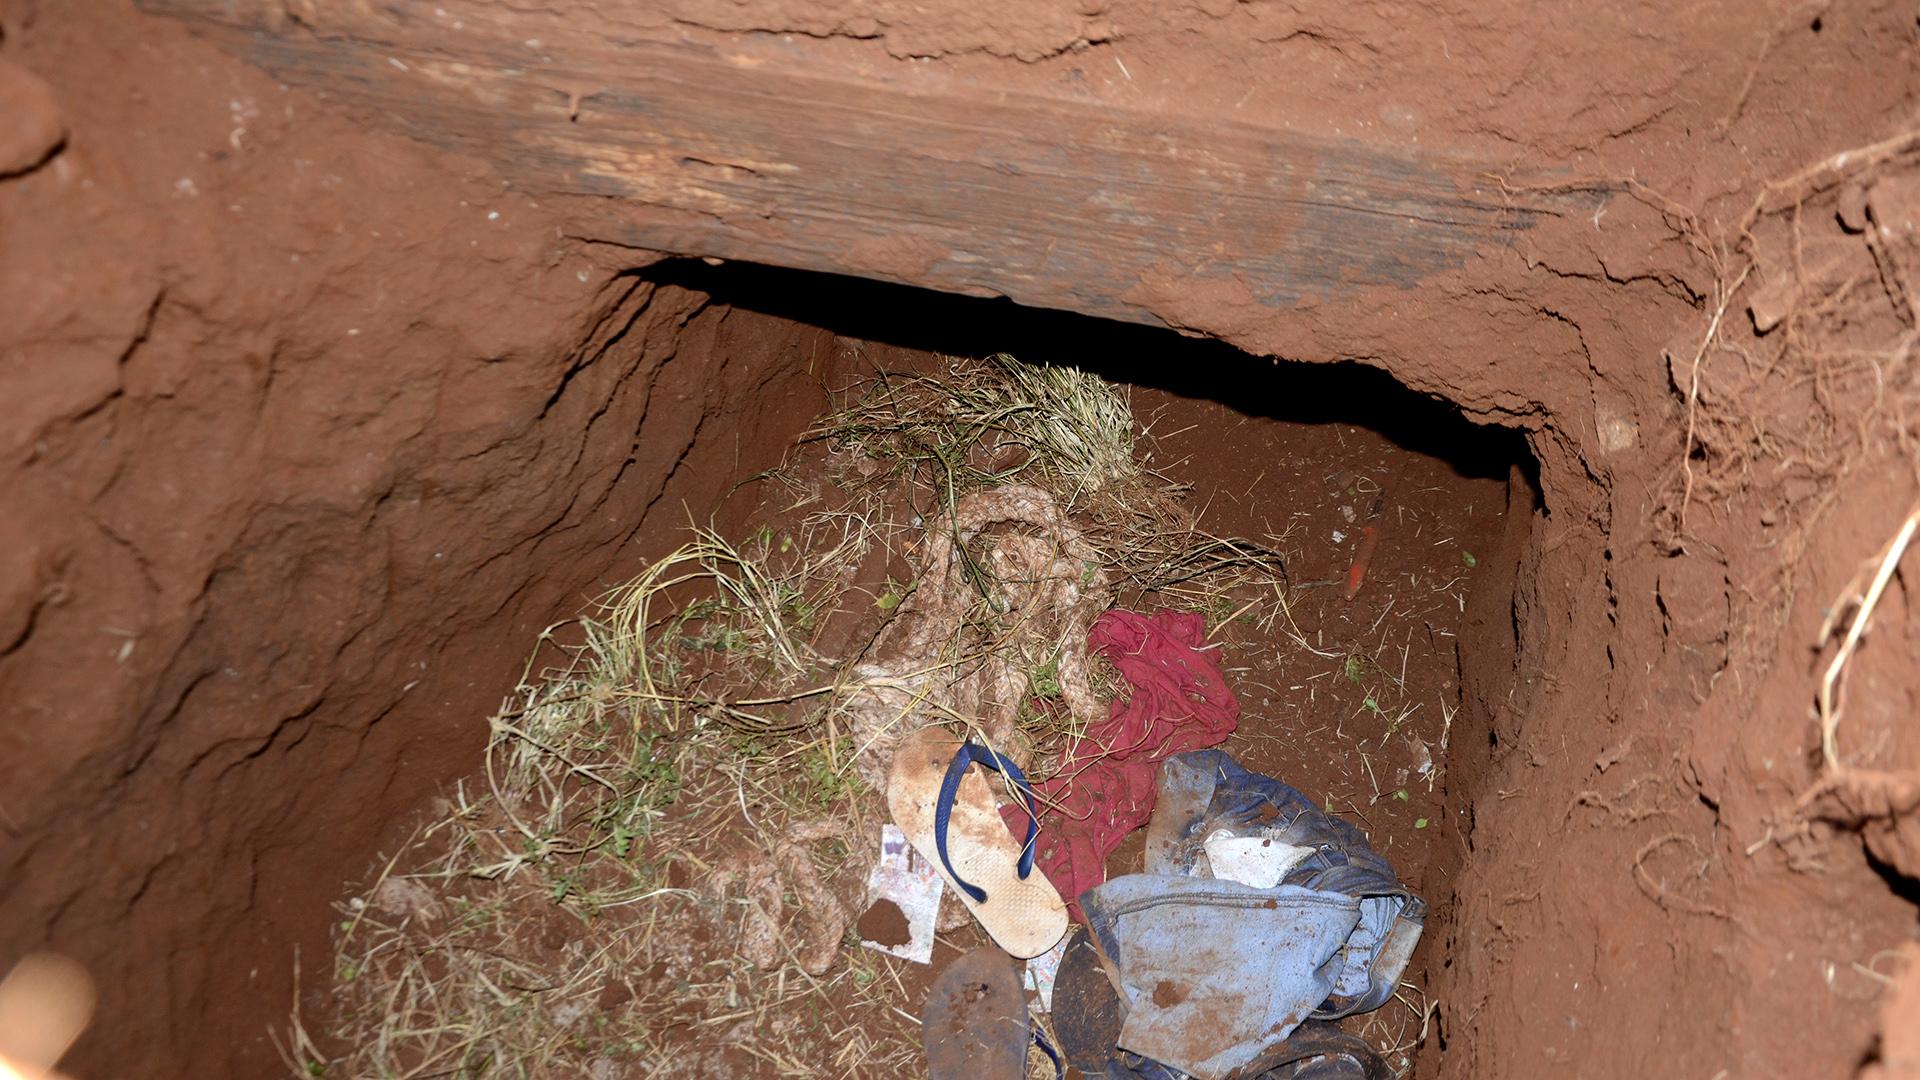 76 presos escaparon por este túnel en Paraguay